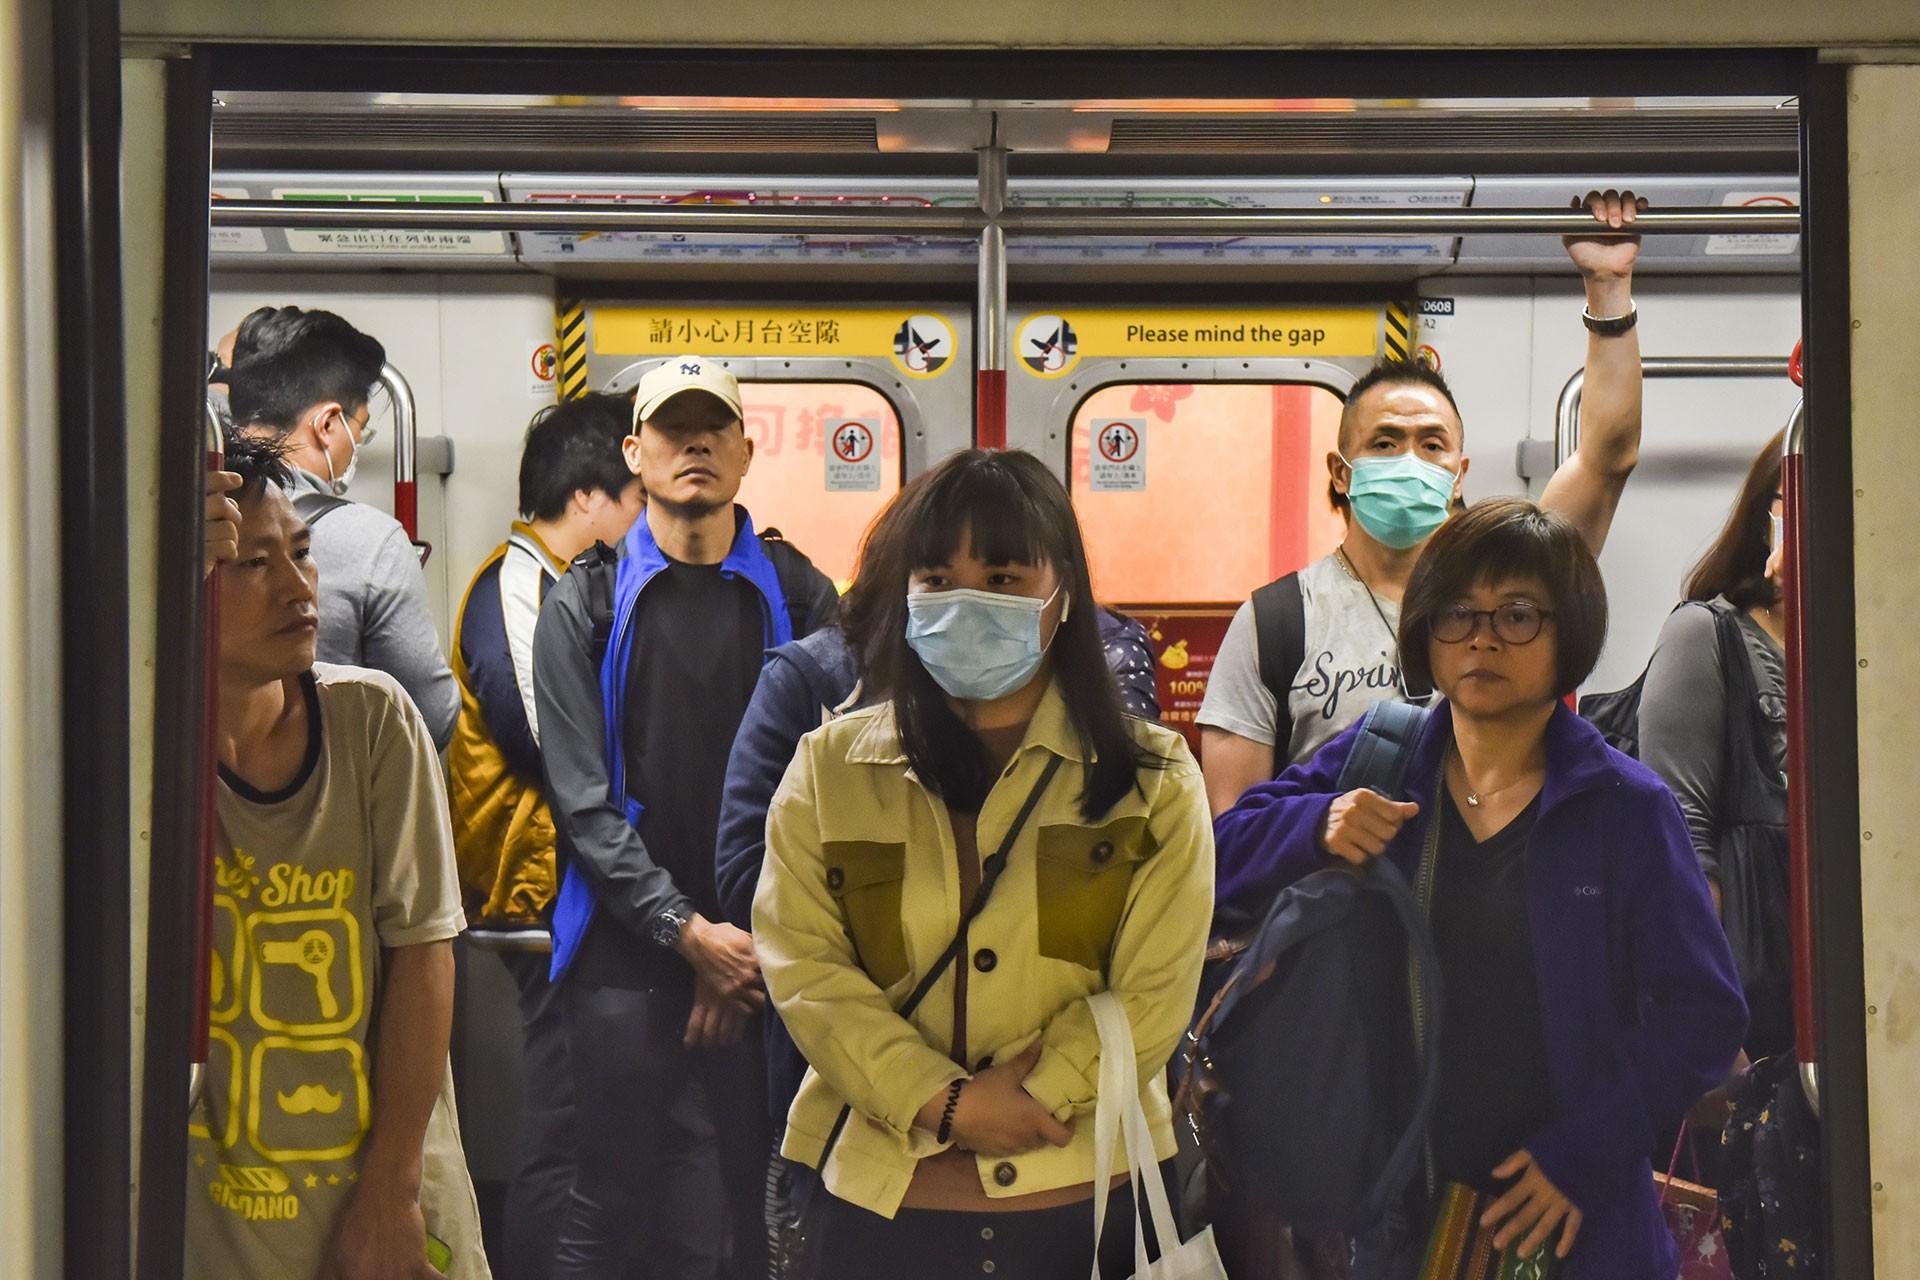 Çin'de toplu taşımadaki yüzü maskeli insanlar